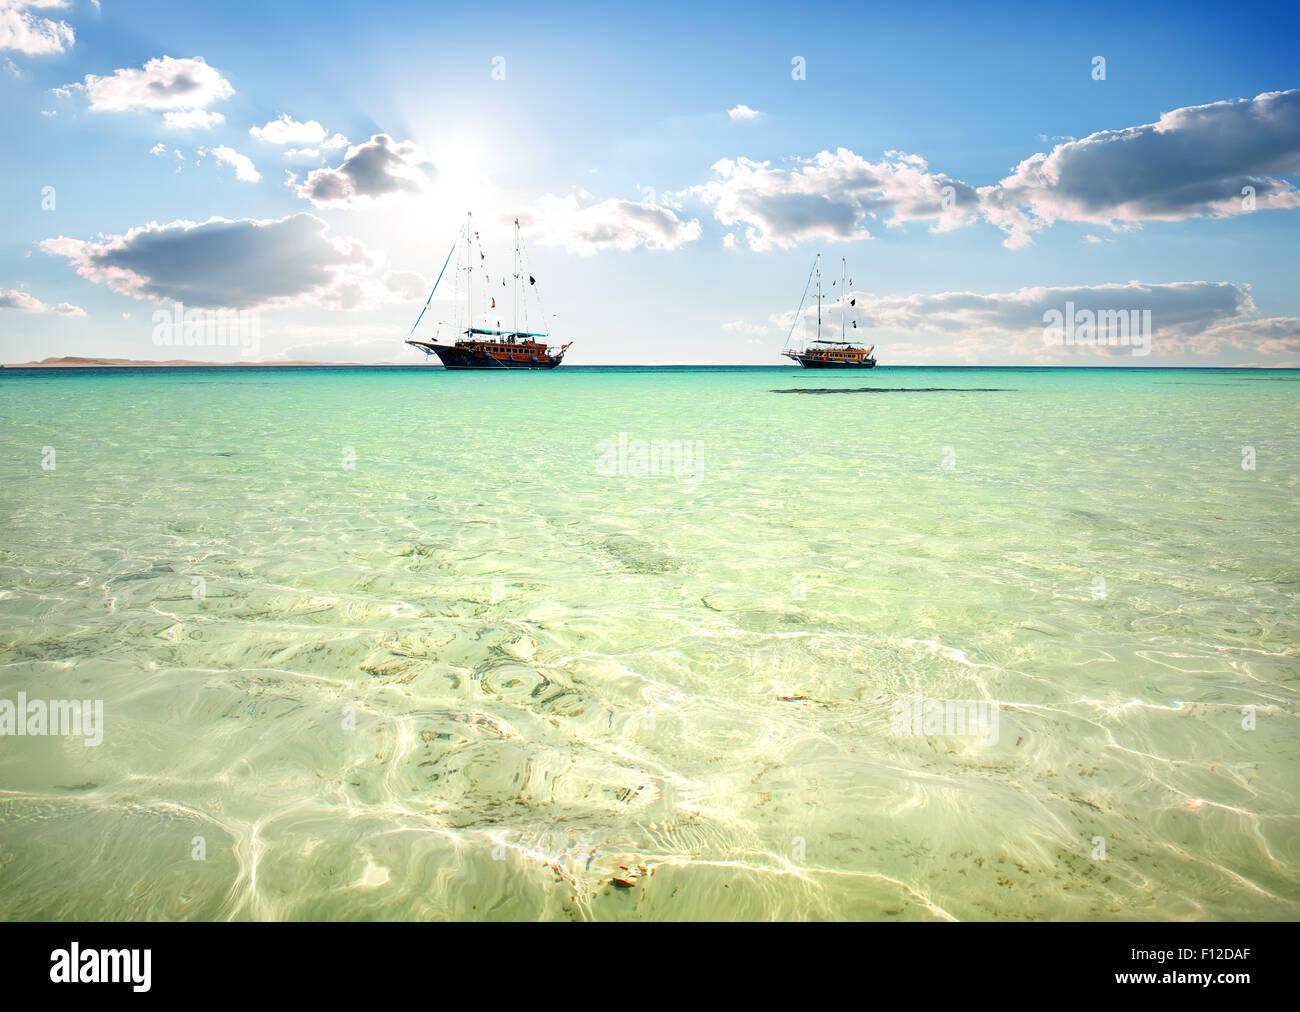 Dos veleros en el mar turquesa, bajo la luz del sol Imagen De Stock